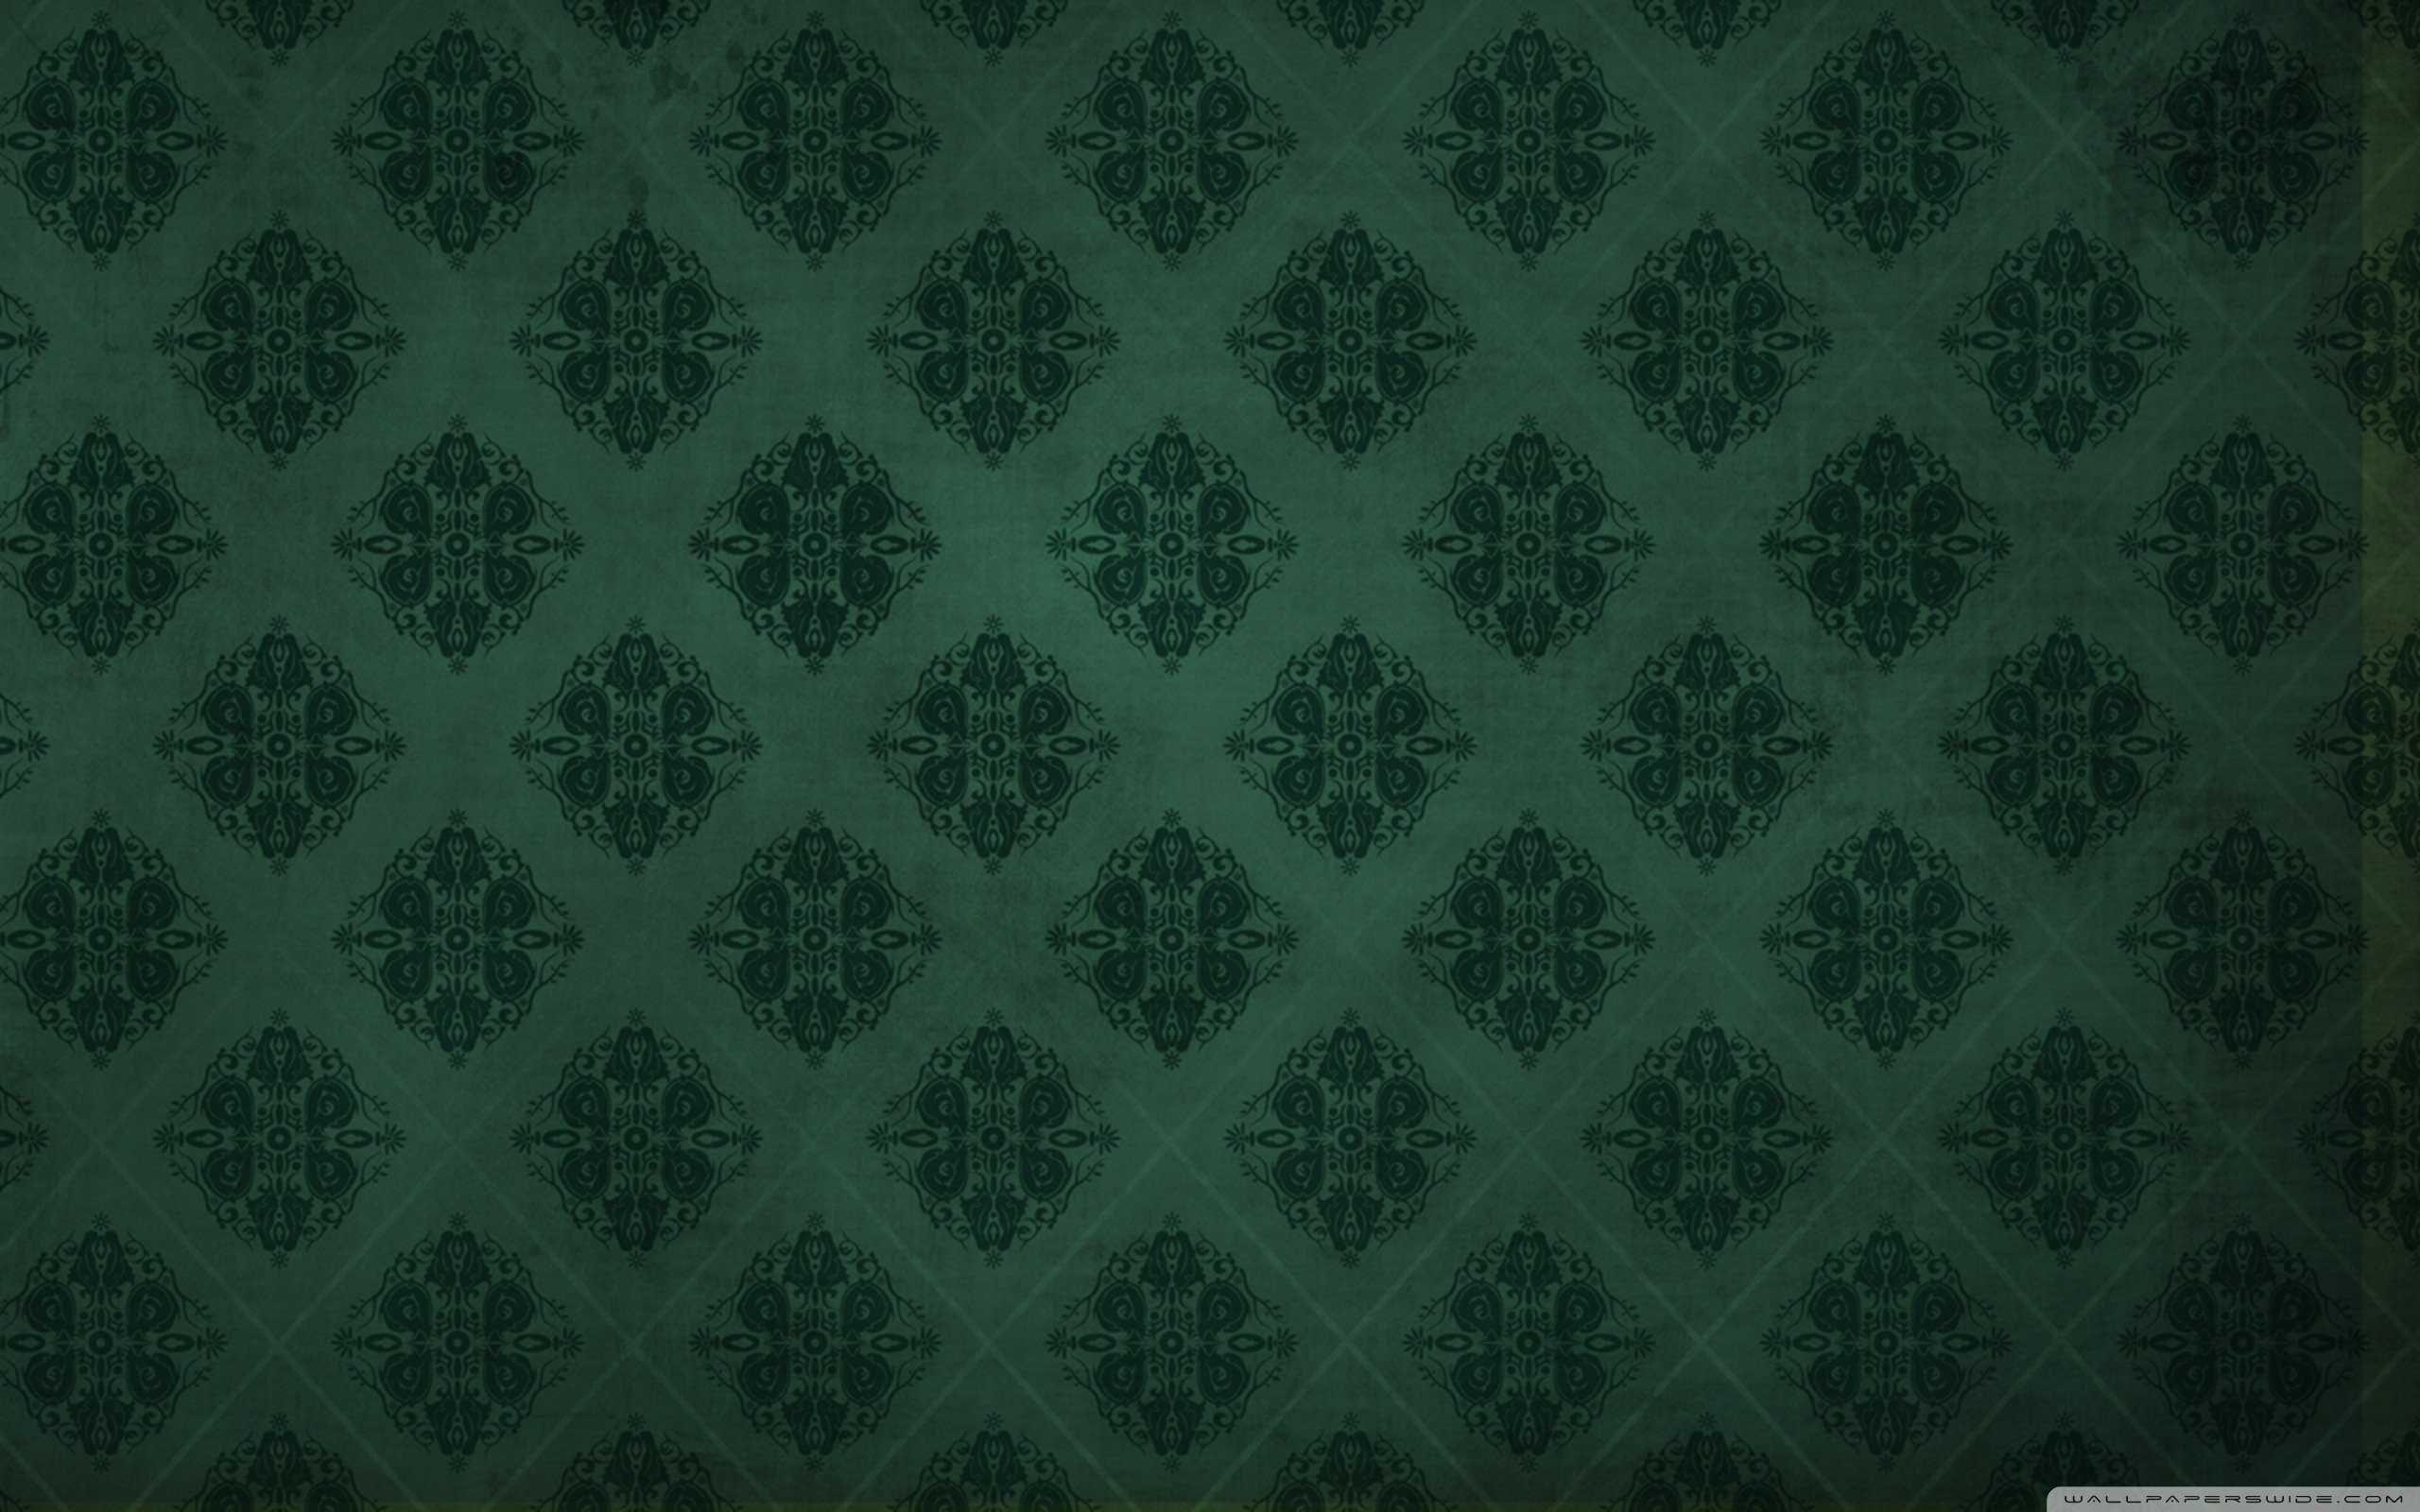 green damask wallpaper http//hdwallpaper.info/green